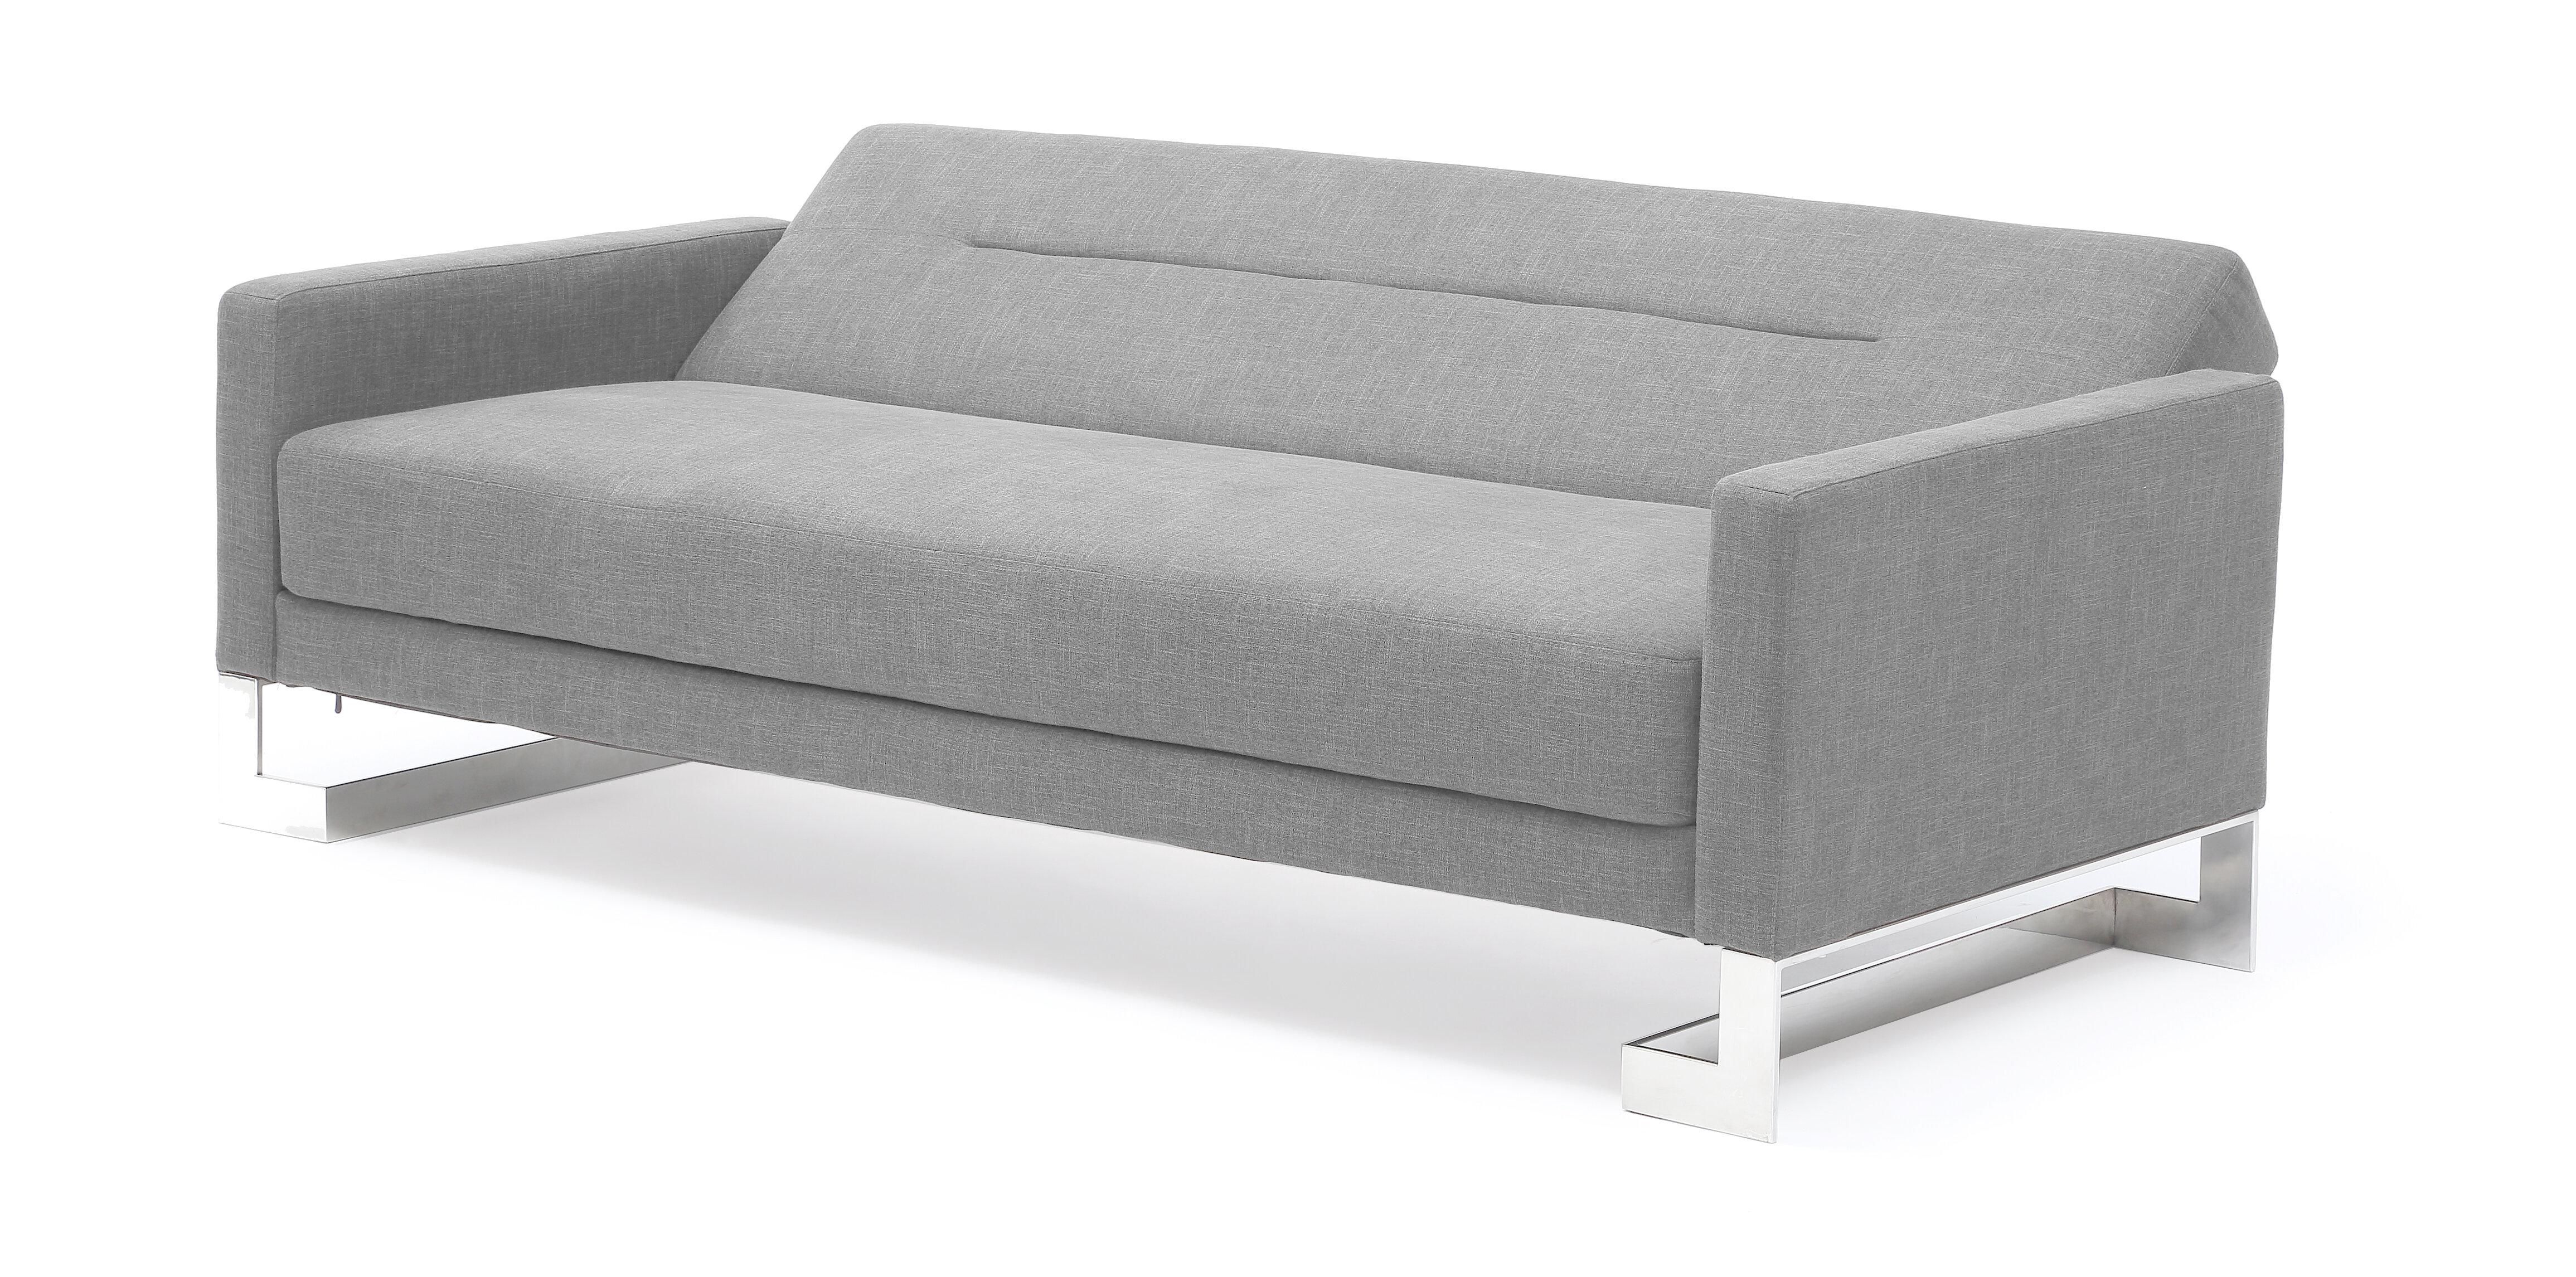 Orren Ellis Godmond Modern Sleeper Sofa Reviews Wayfair